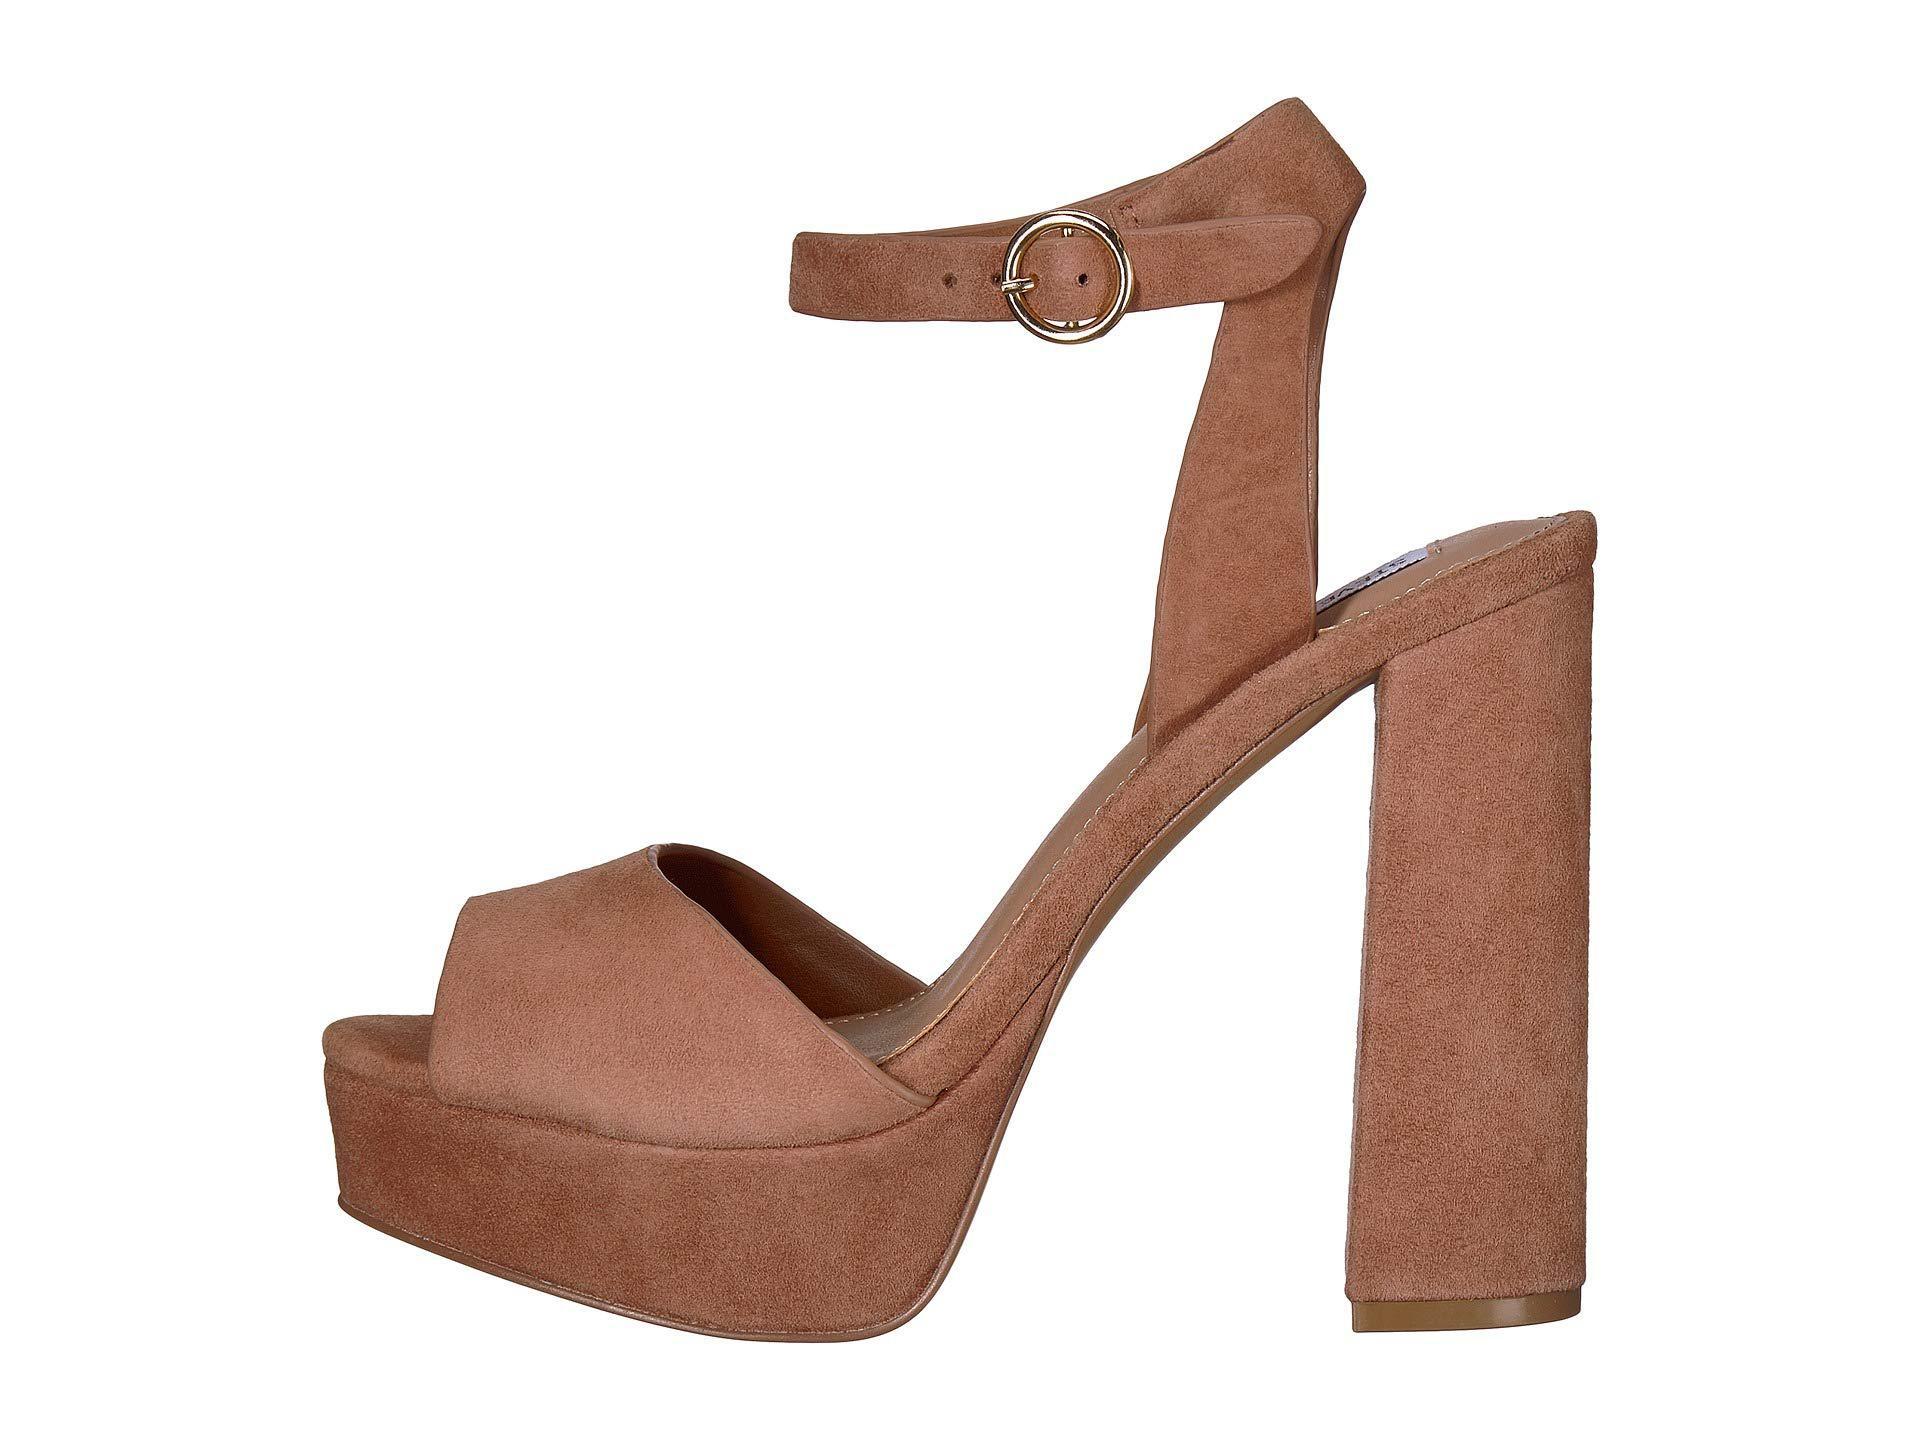 4c73357df10e Lyst - Steve Madden Madeline Platform Sandal in Brown - Save 20%